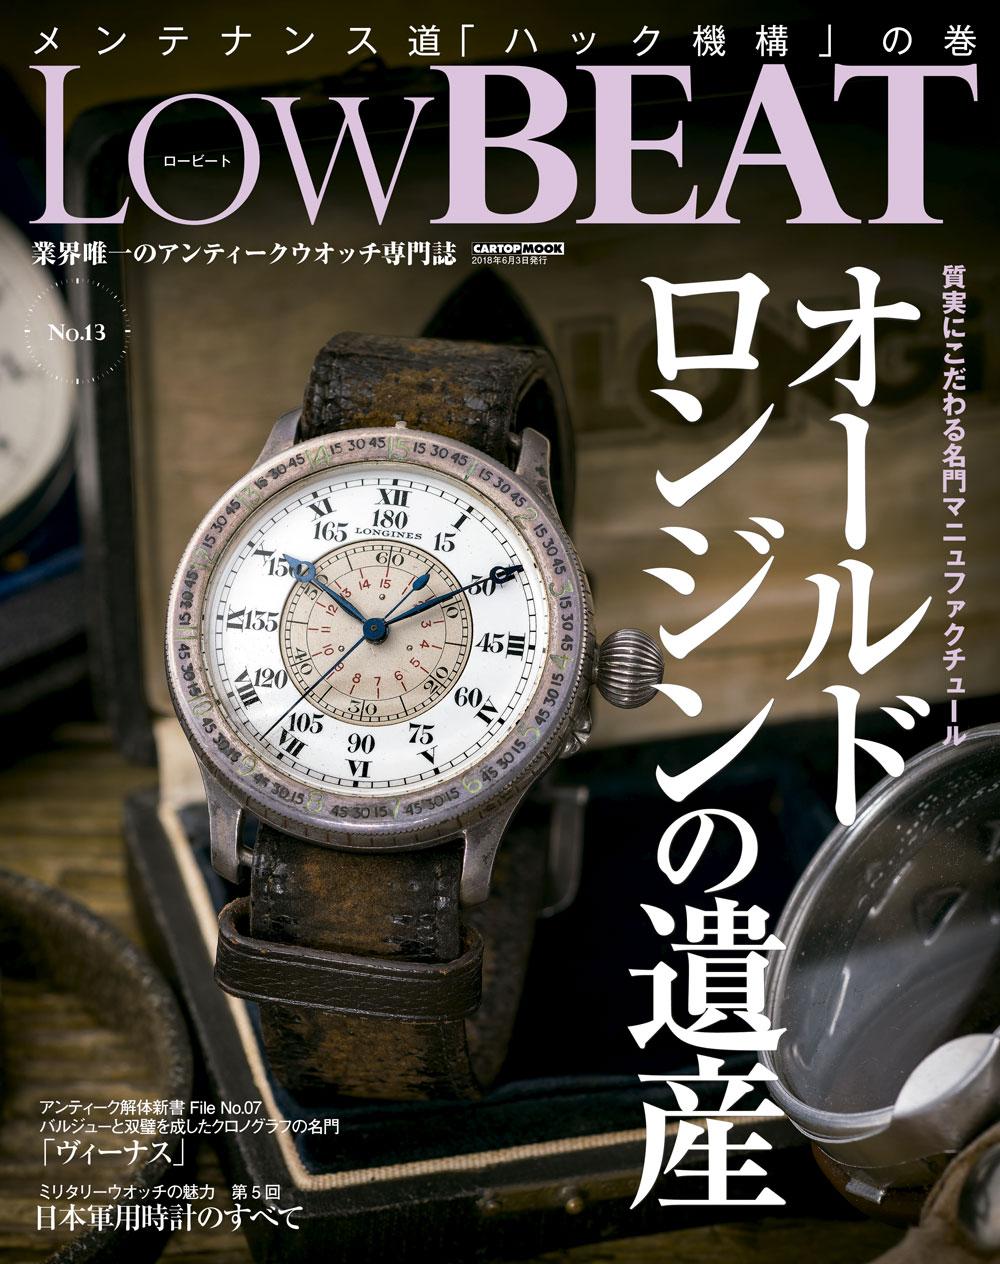 C's-Factory|電子書籍|LowBEAT No.13